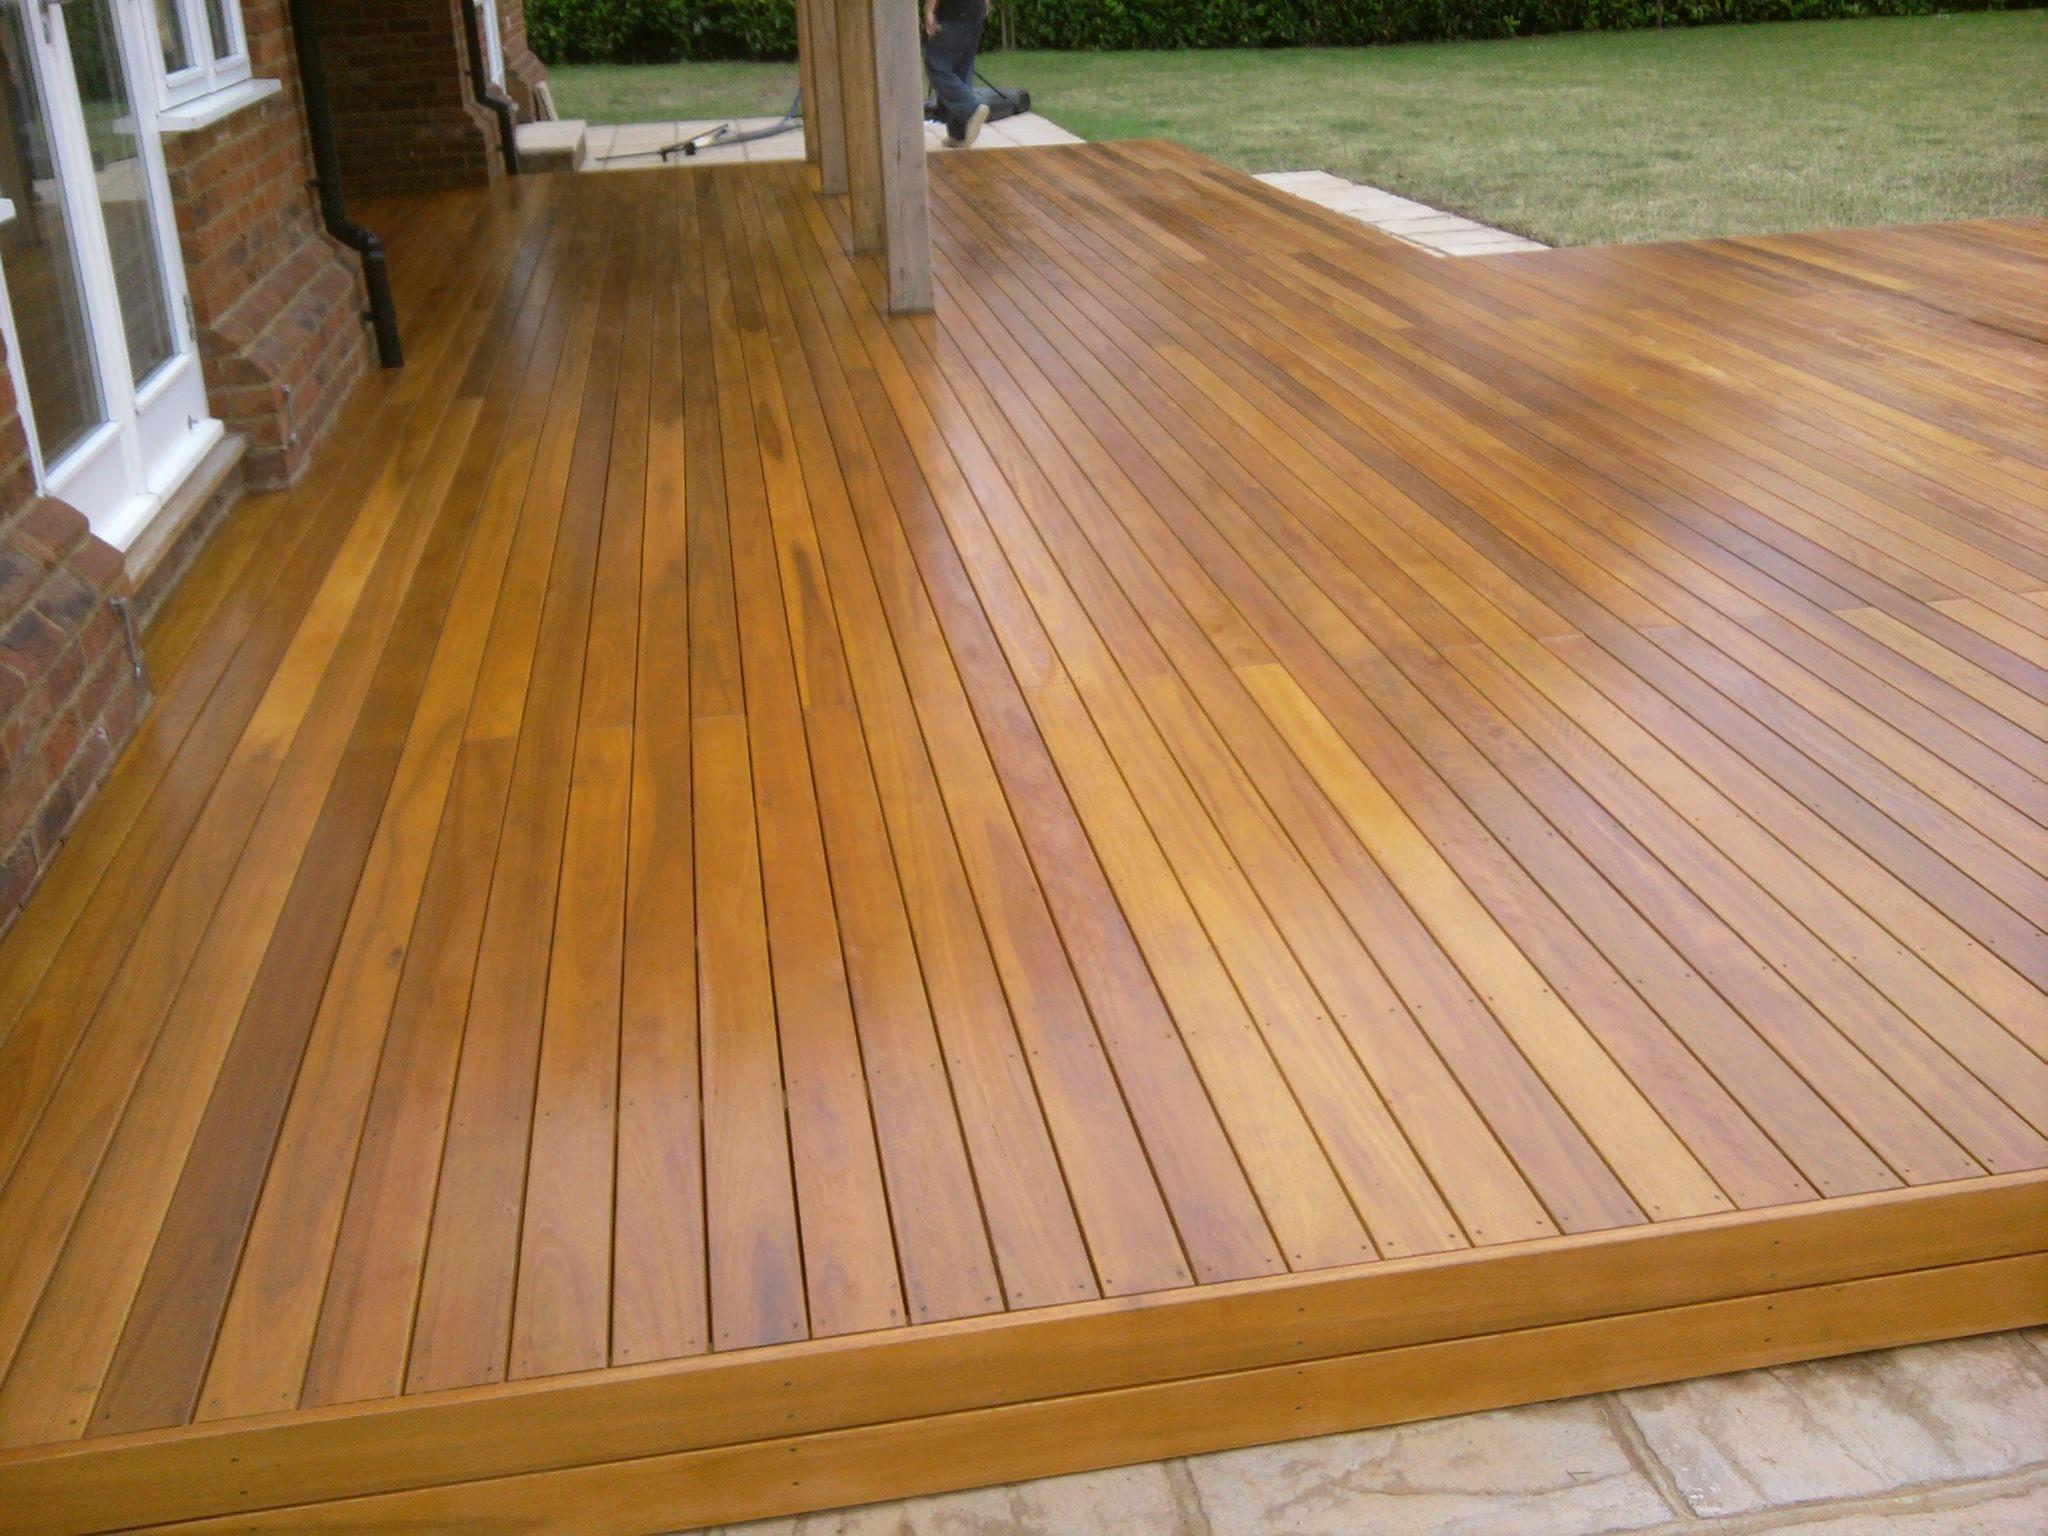 Freshly oiled eucalyptus wood deck hawaii local sourced freshly oiled eucalyptus wood deck baanklon Image collections